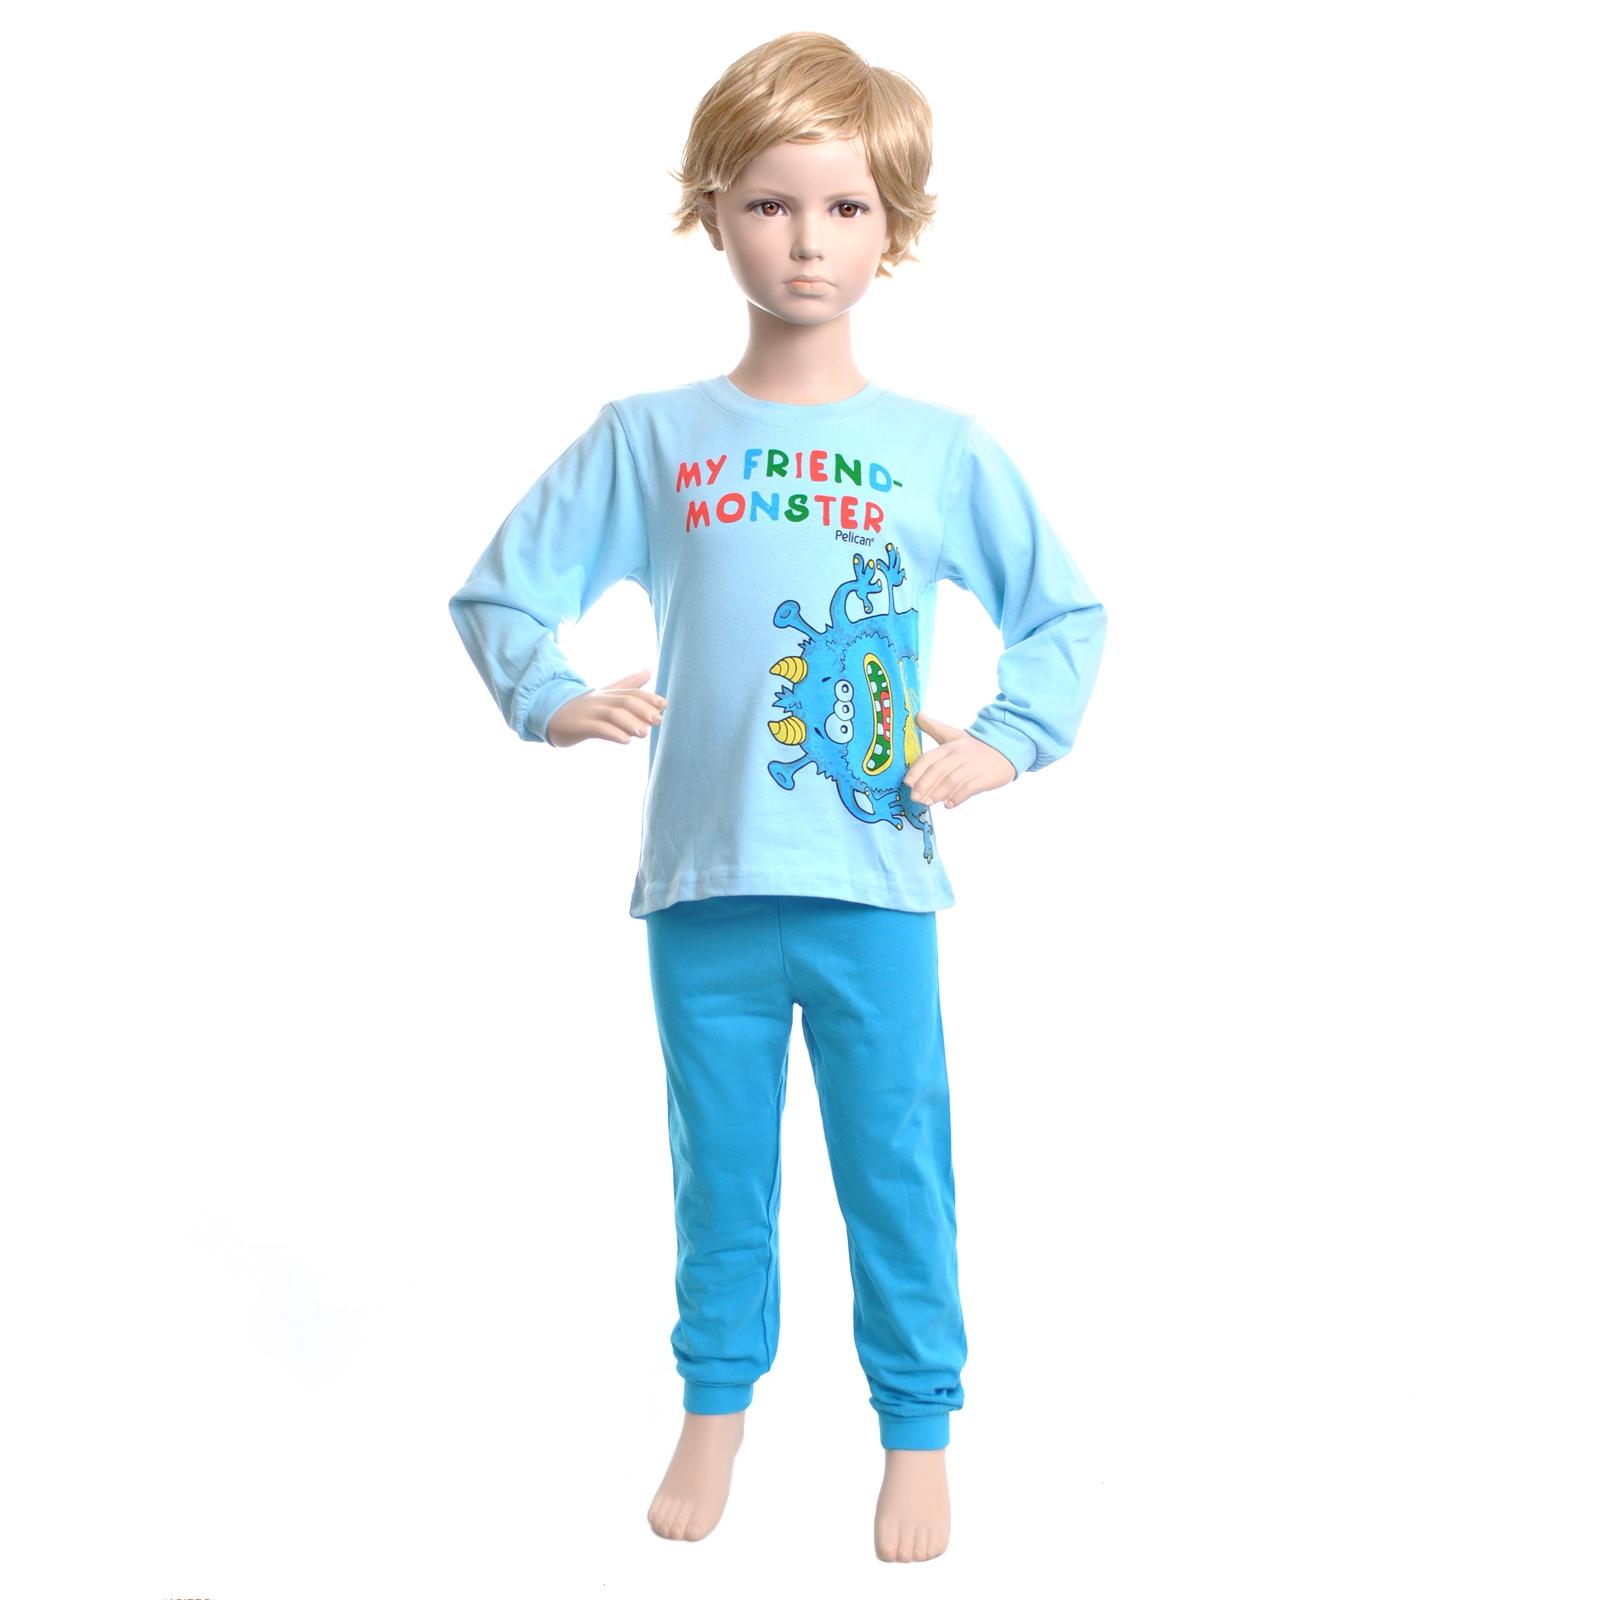 Пижама Pelican цвет Голубой BNJP303(1-4) возраст 12-18 мес.